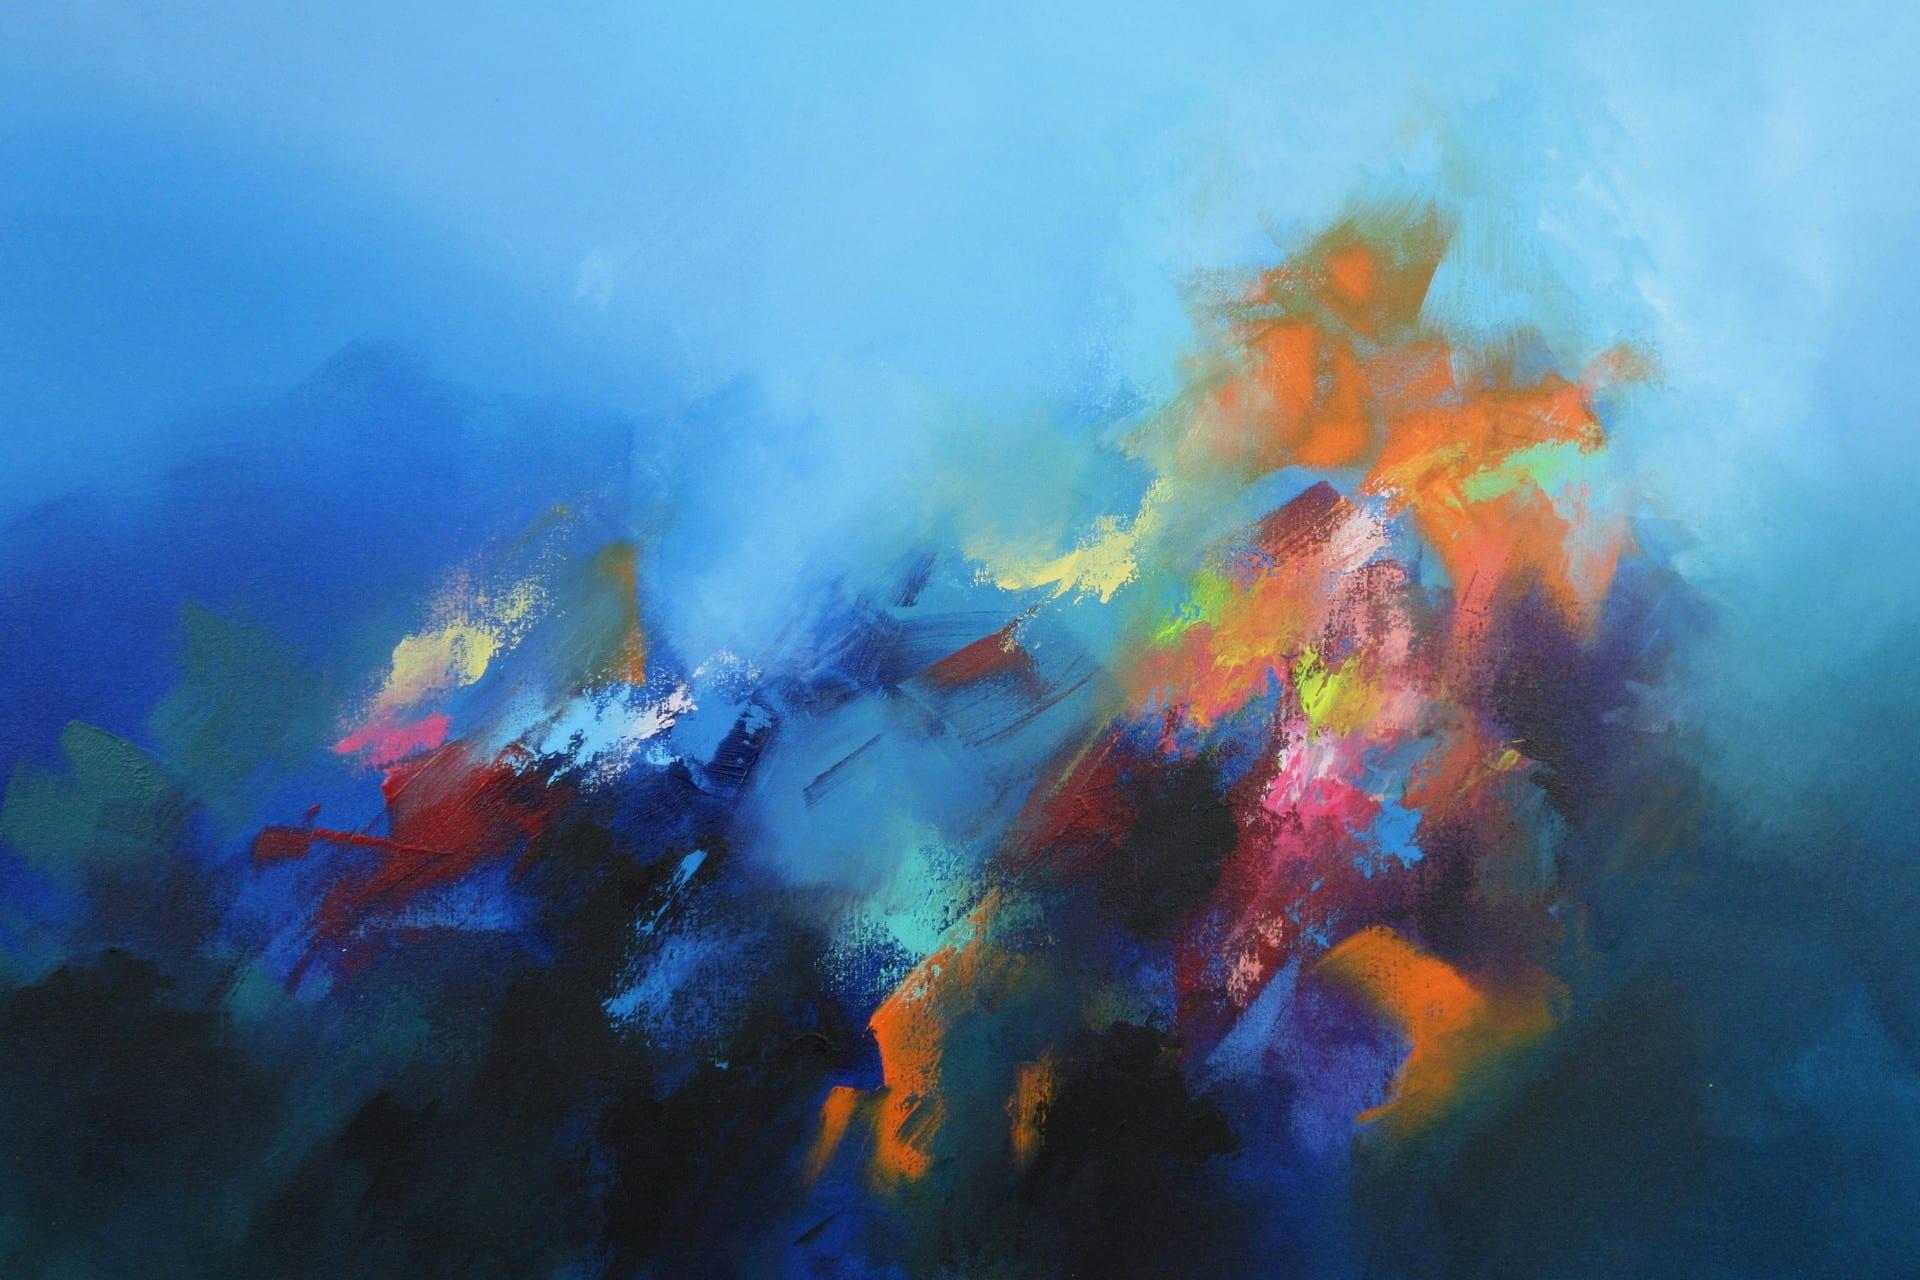 Искусственный интеллект обучили воссоздавать процесс написания картин